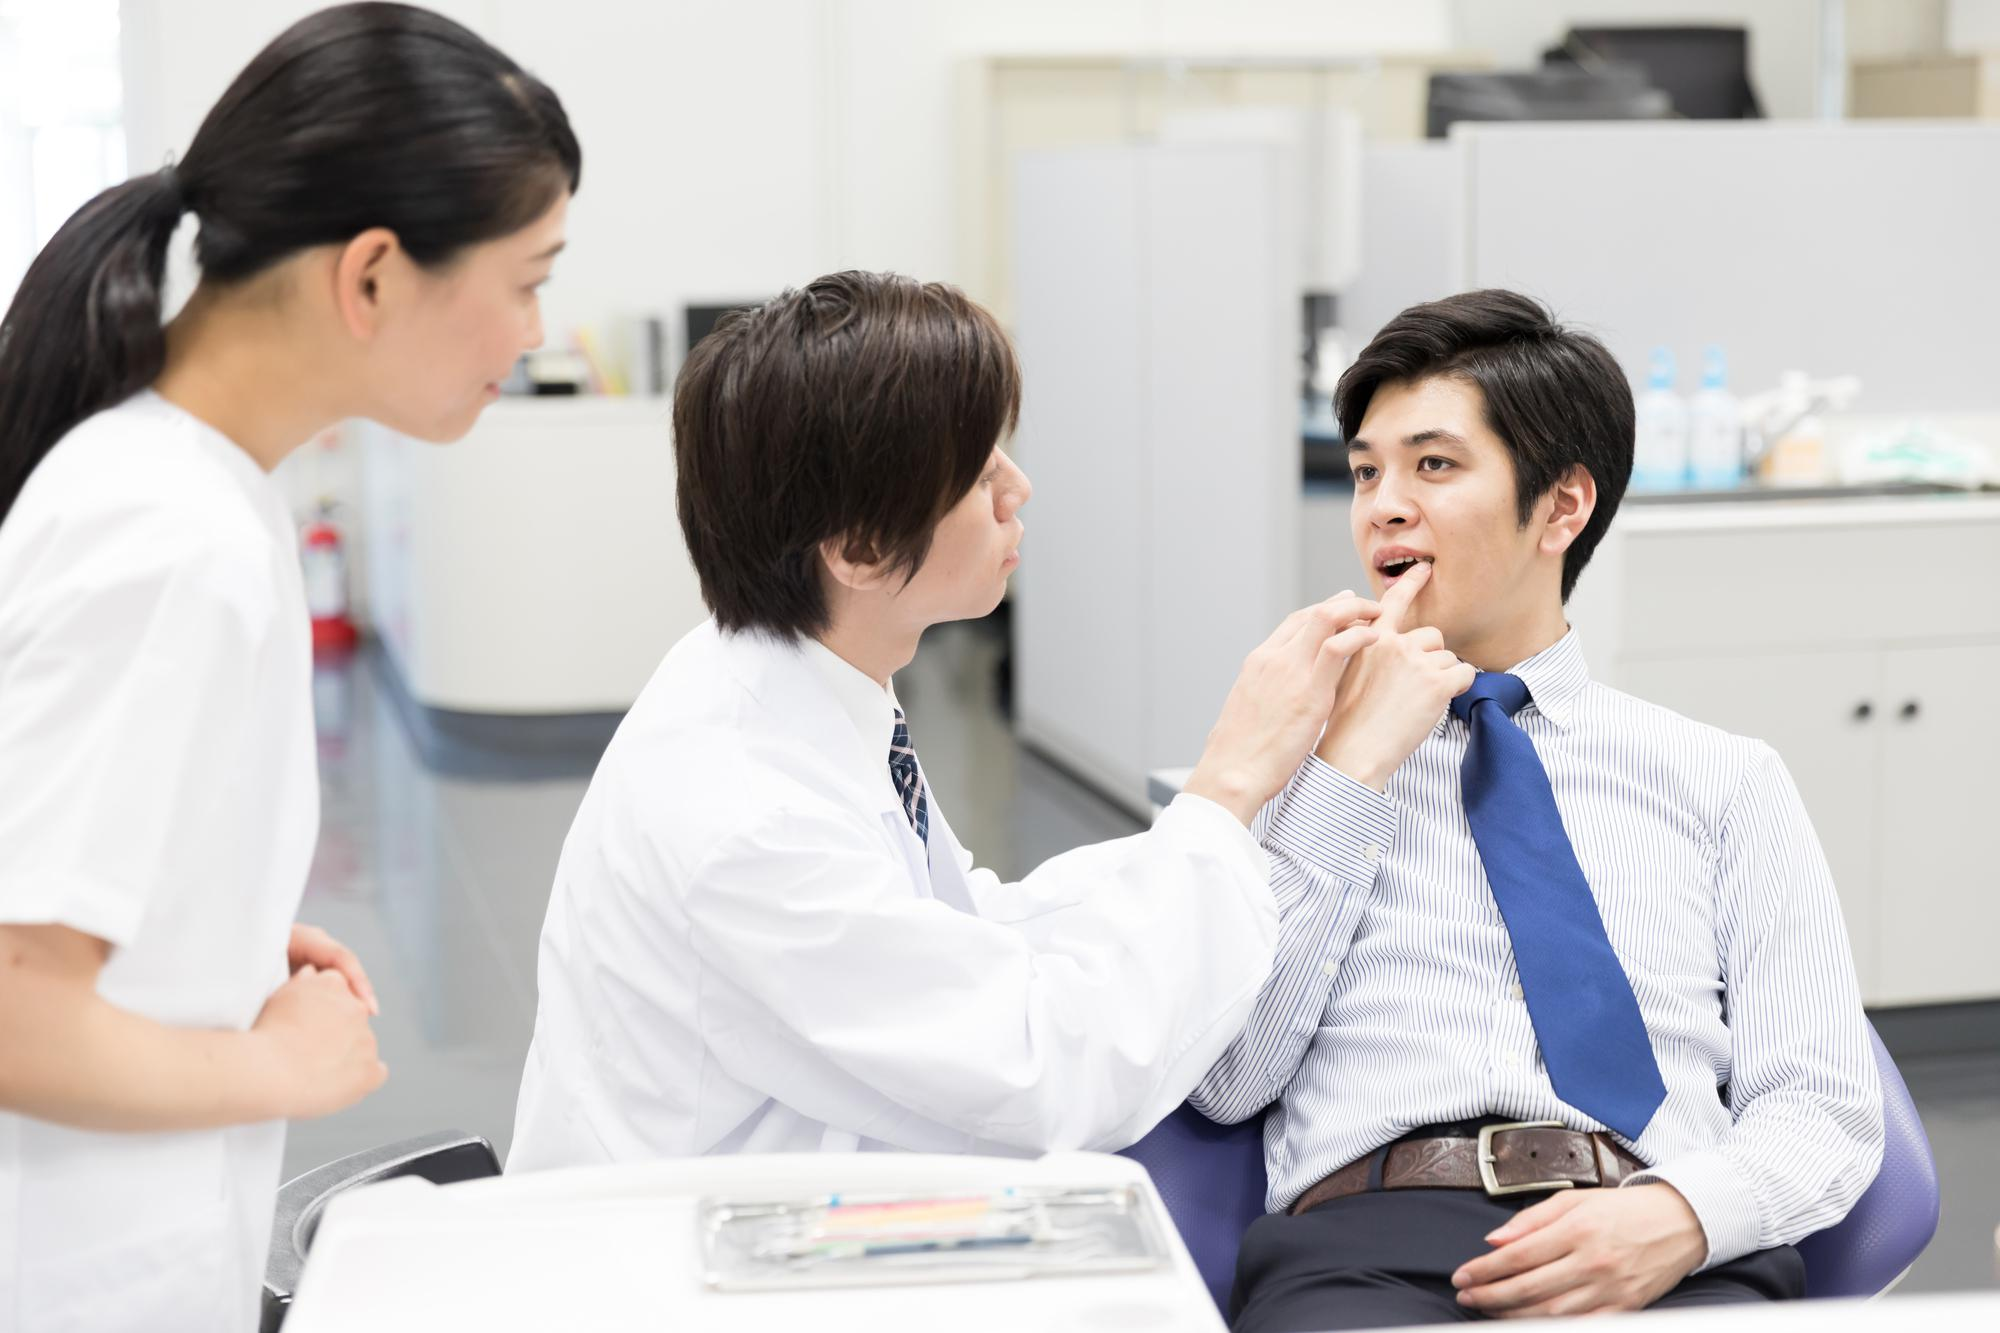 歯科を受診する男性